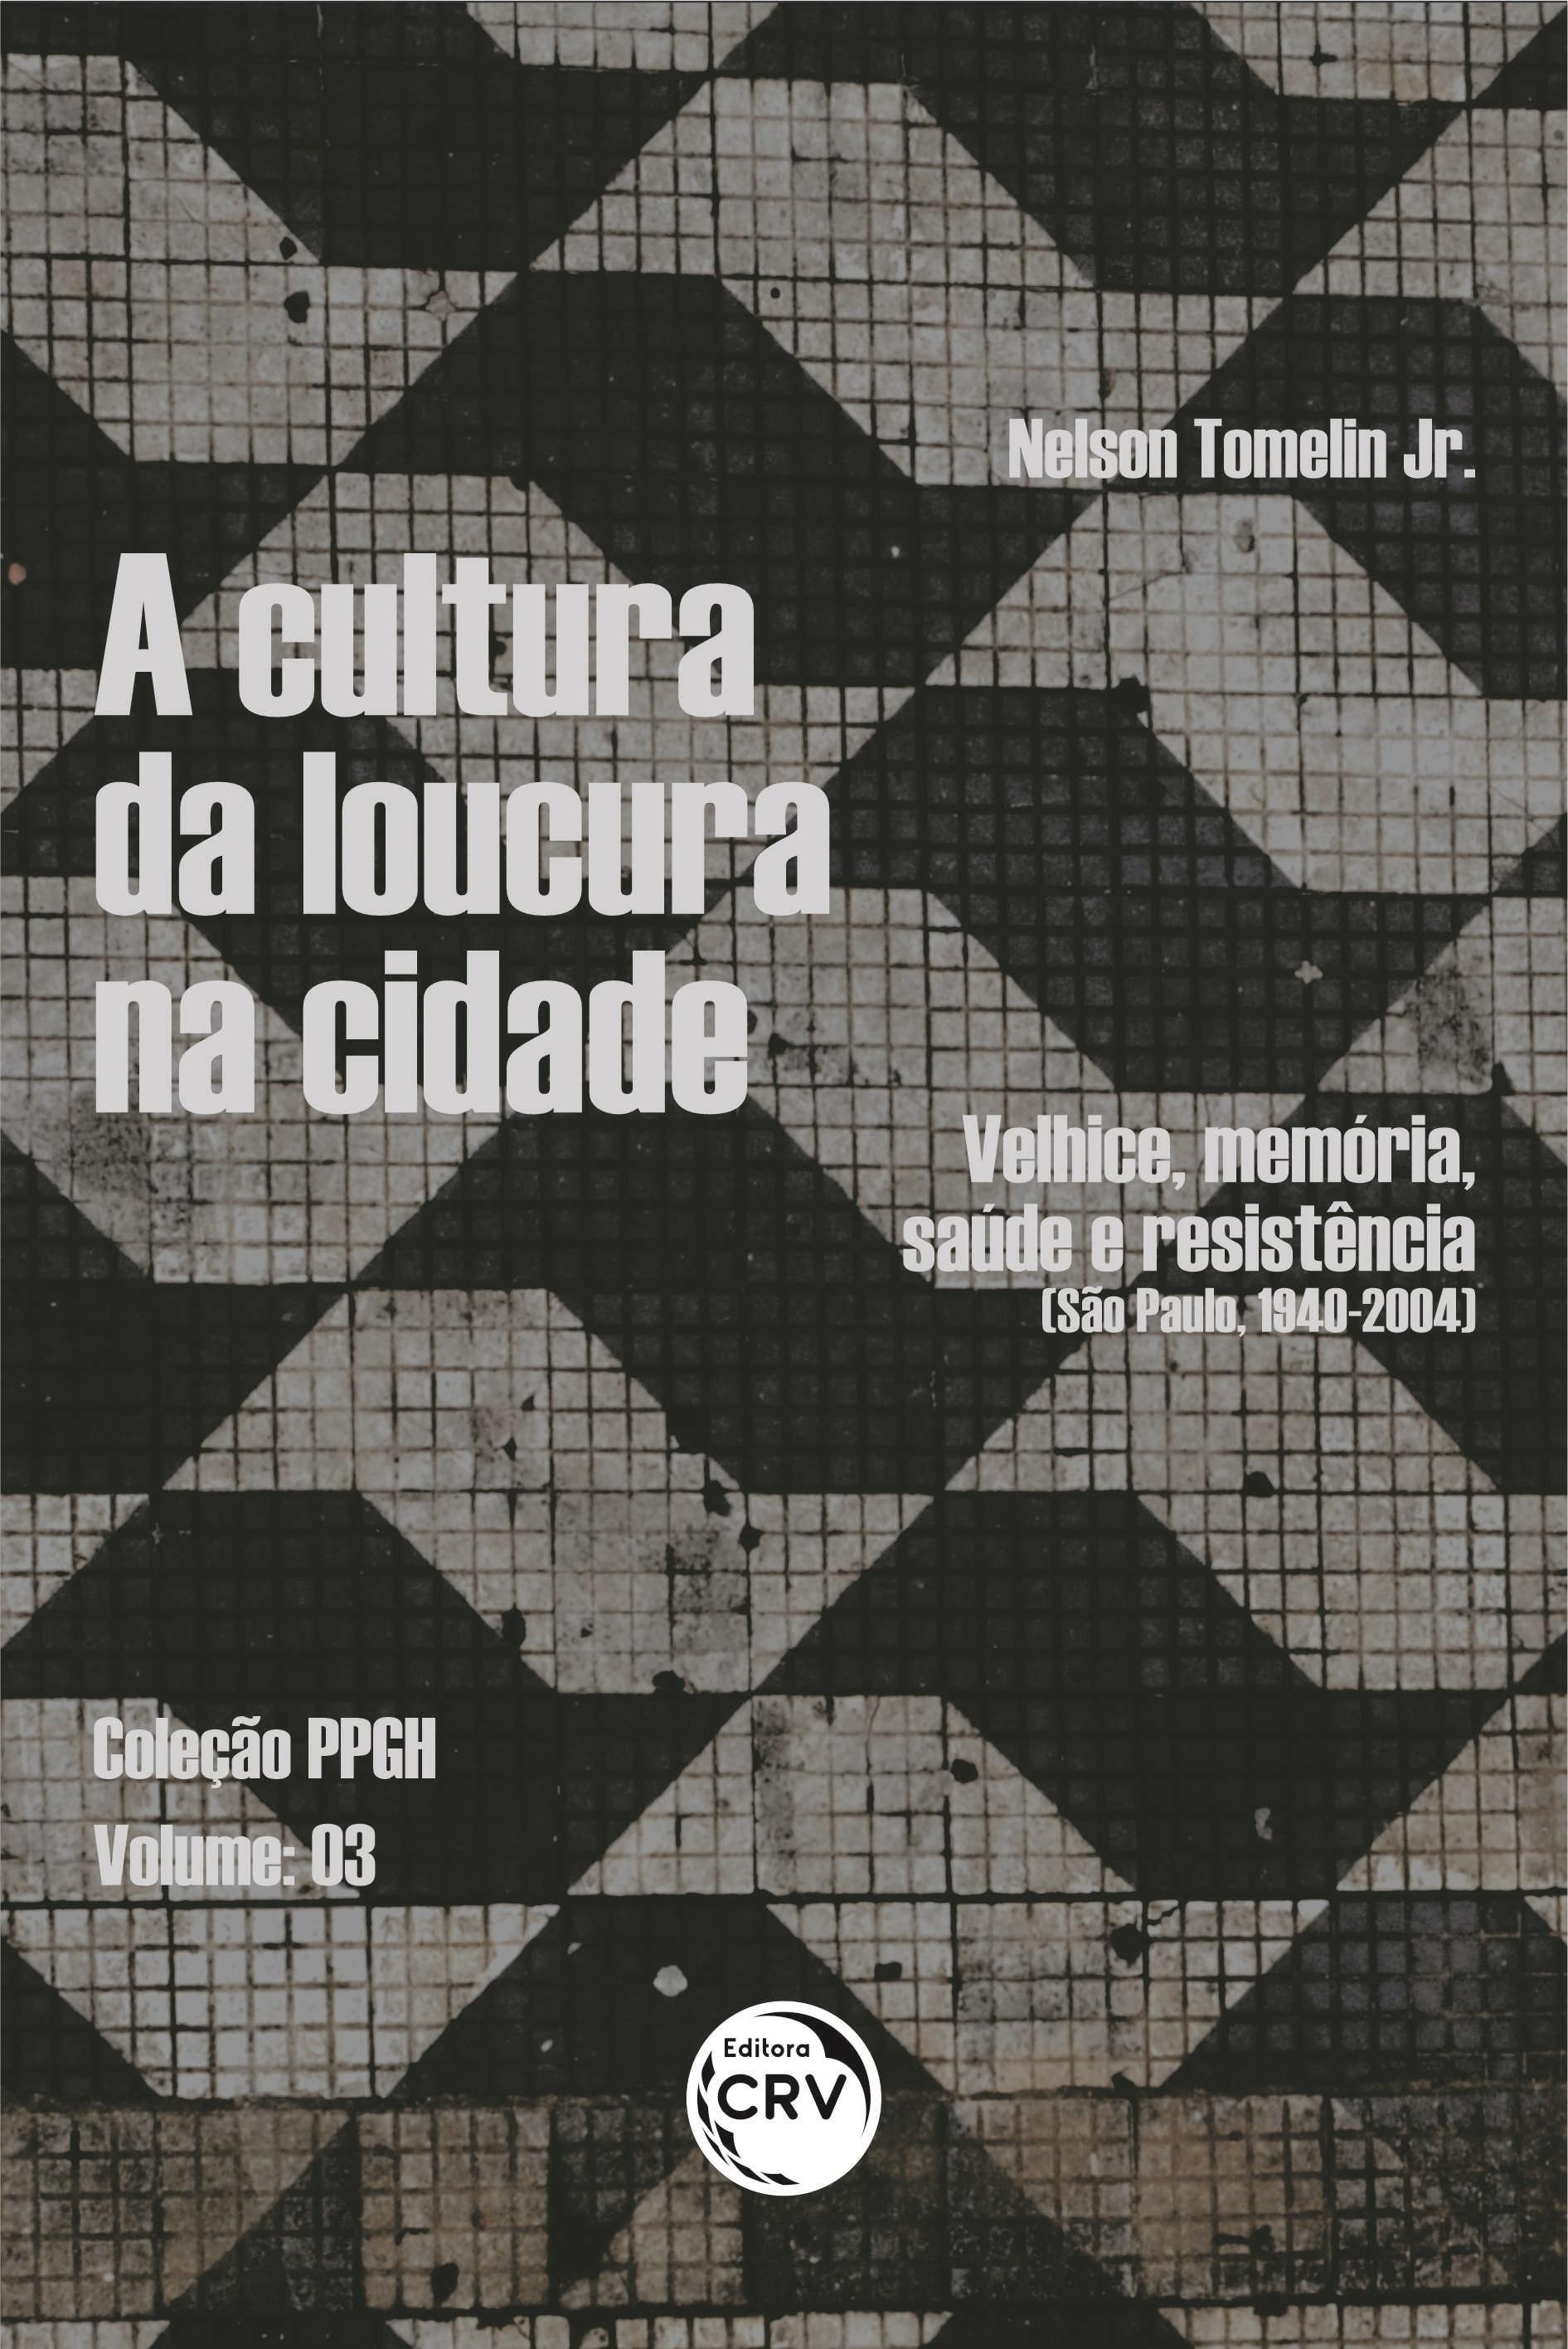 Capa do livro: A CULTURA DA LOUCURA NA CIDADE:<br> velhice, memória, saúde e resistência (São Paulo, 1940-2004). <br><br>Coleção PPGH – Volume 03